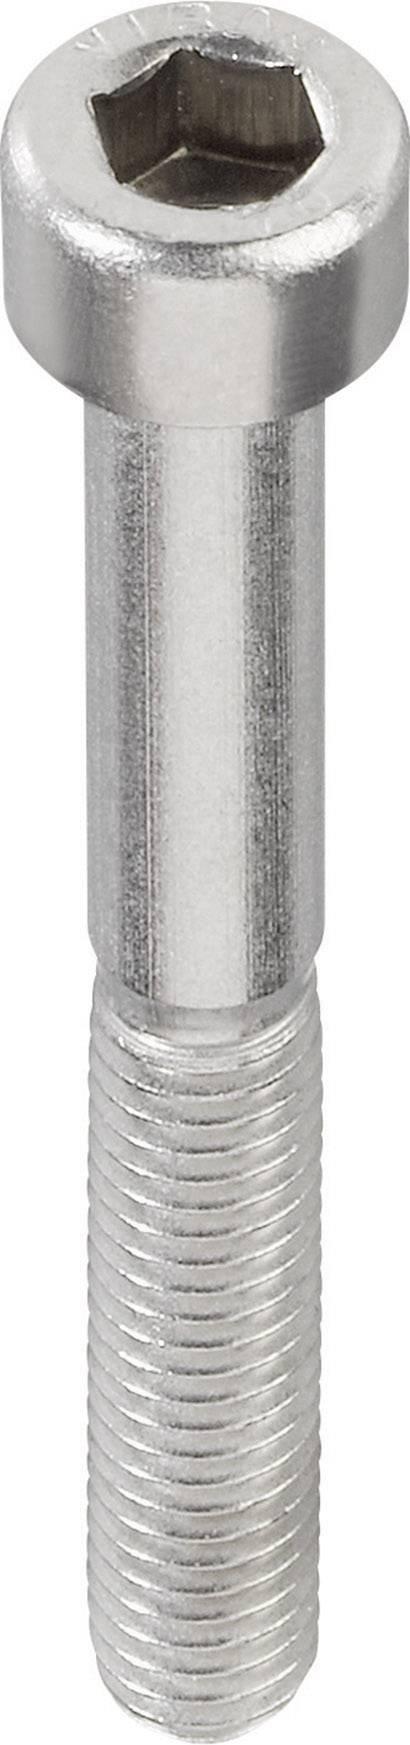 M3 tête cylindrique vis set 800 pièces acier inoxydable a2 DIN 912